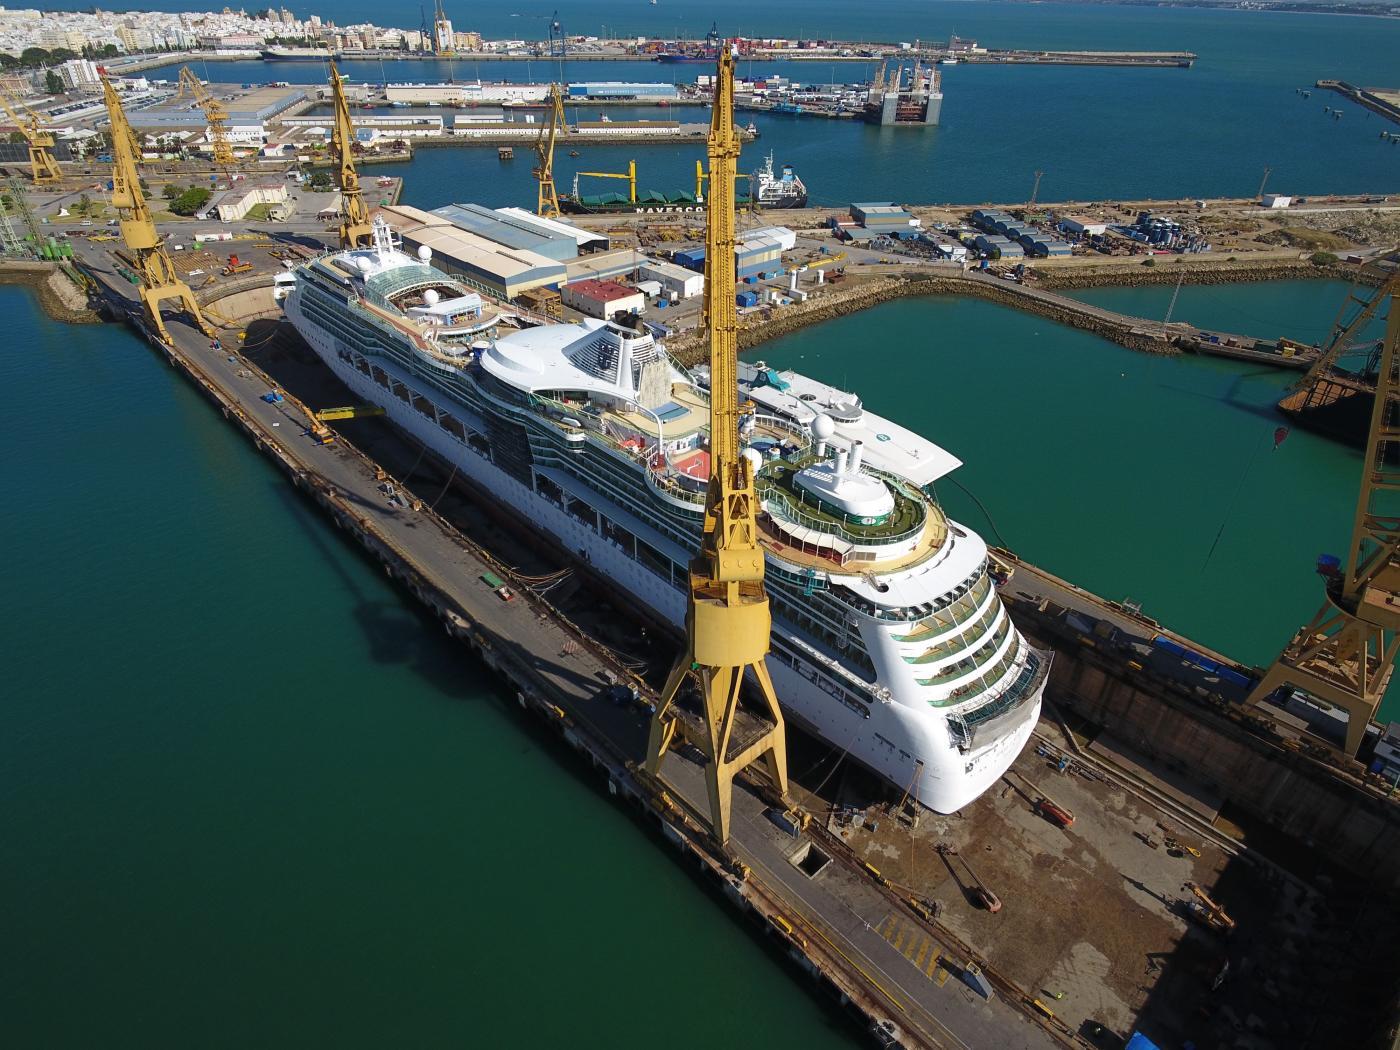 Navantia Cádiz a punto de finalizar los trabajos de mantenimiento del 'Jewel of the Seas'